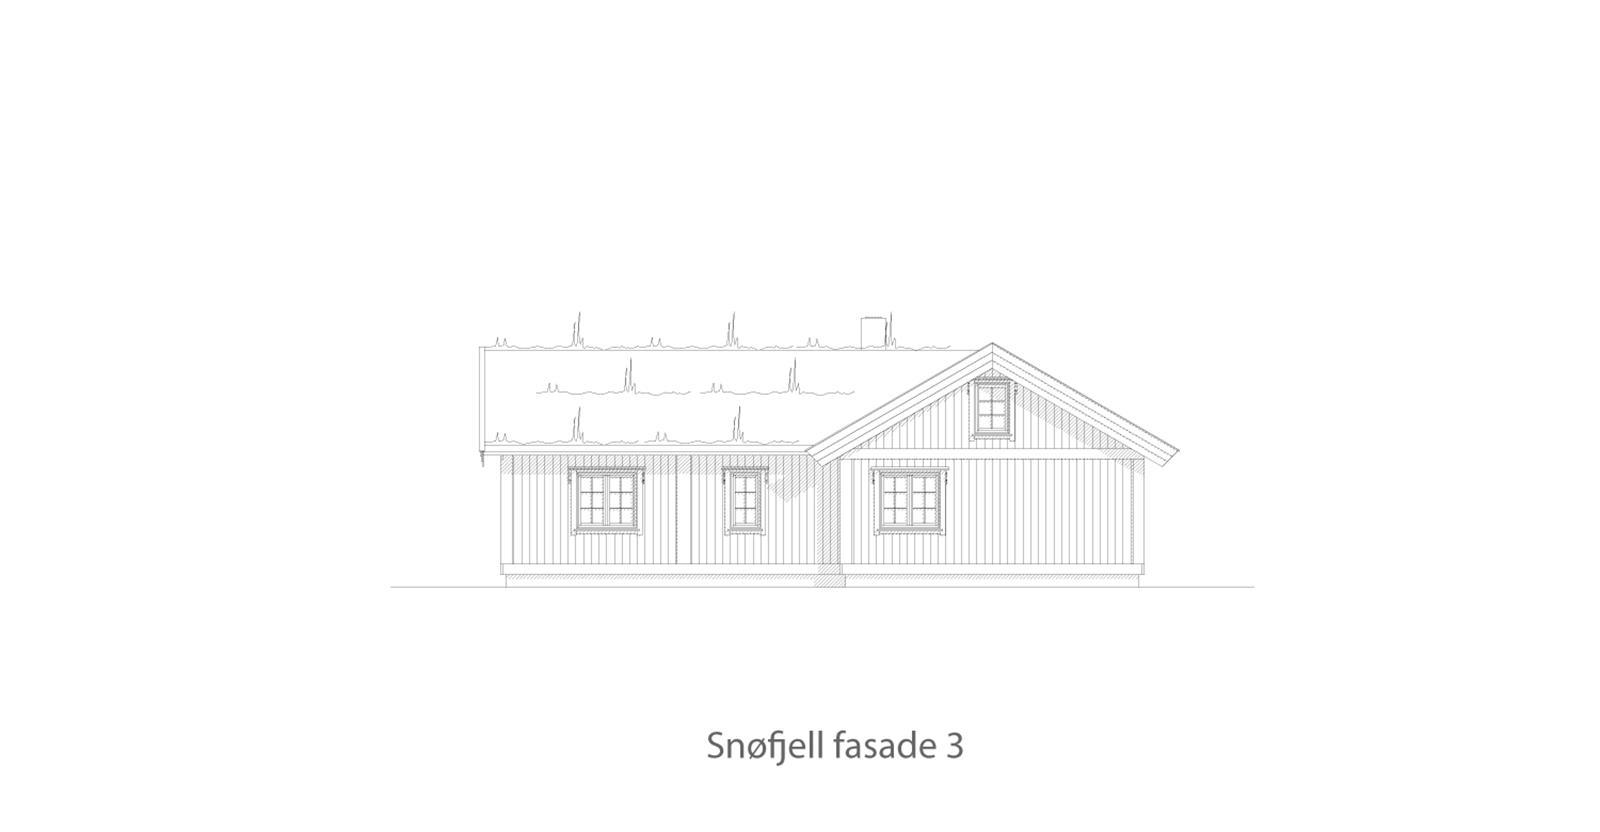 Snøfjell fasade 3